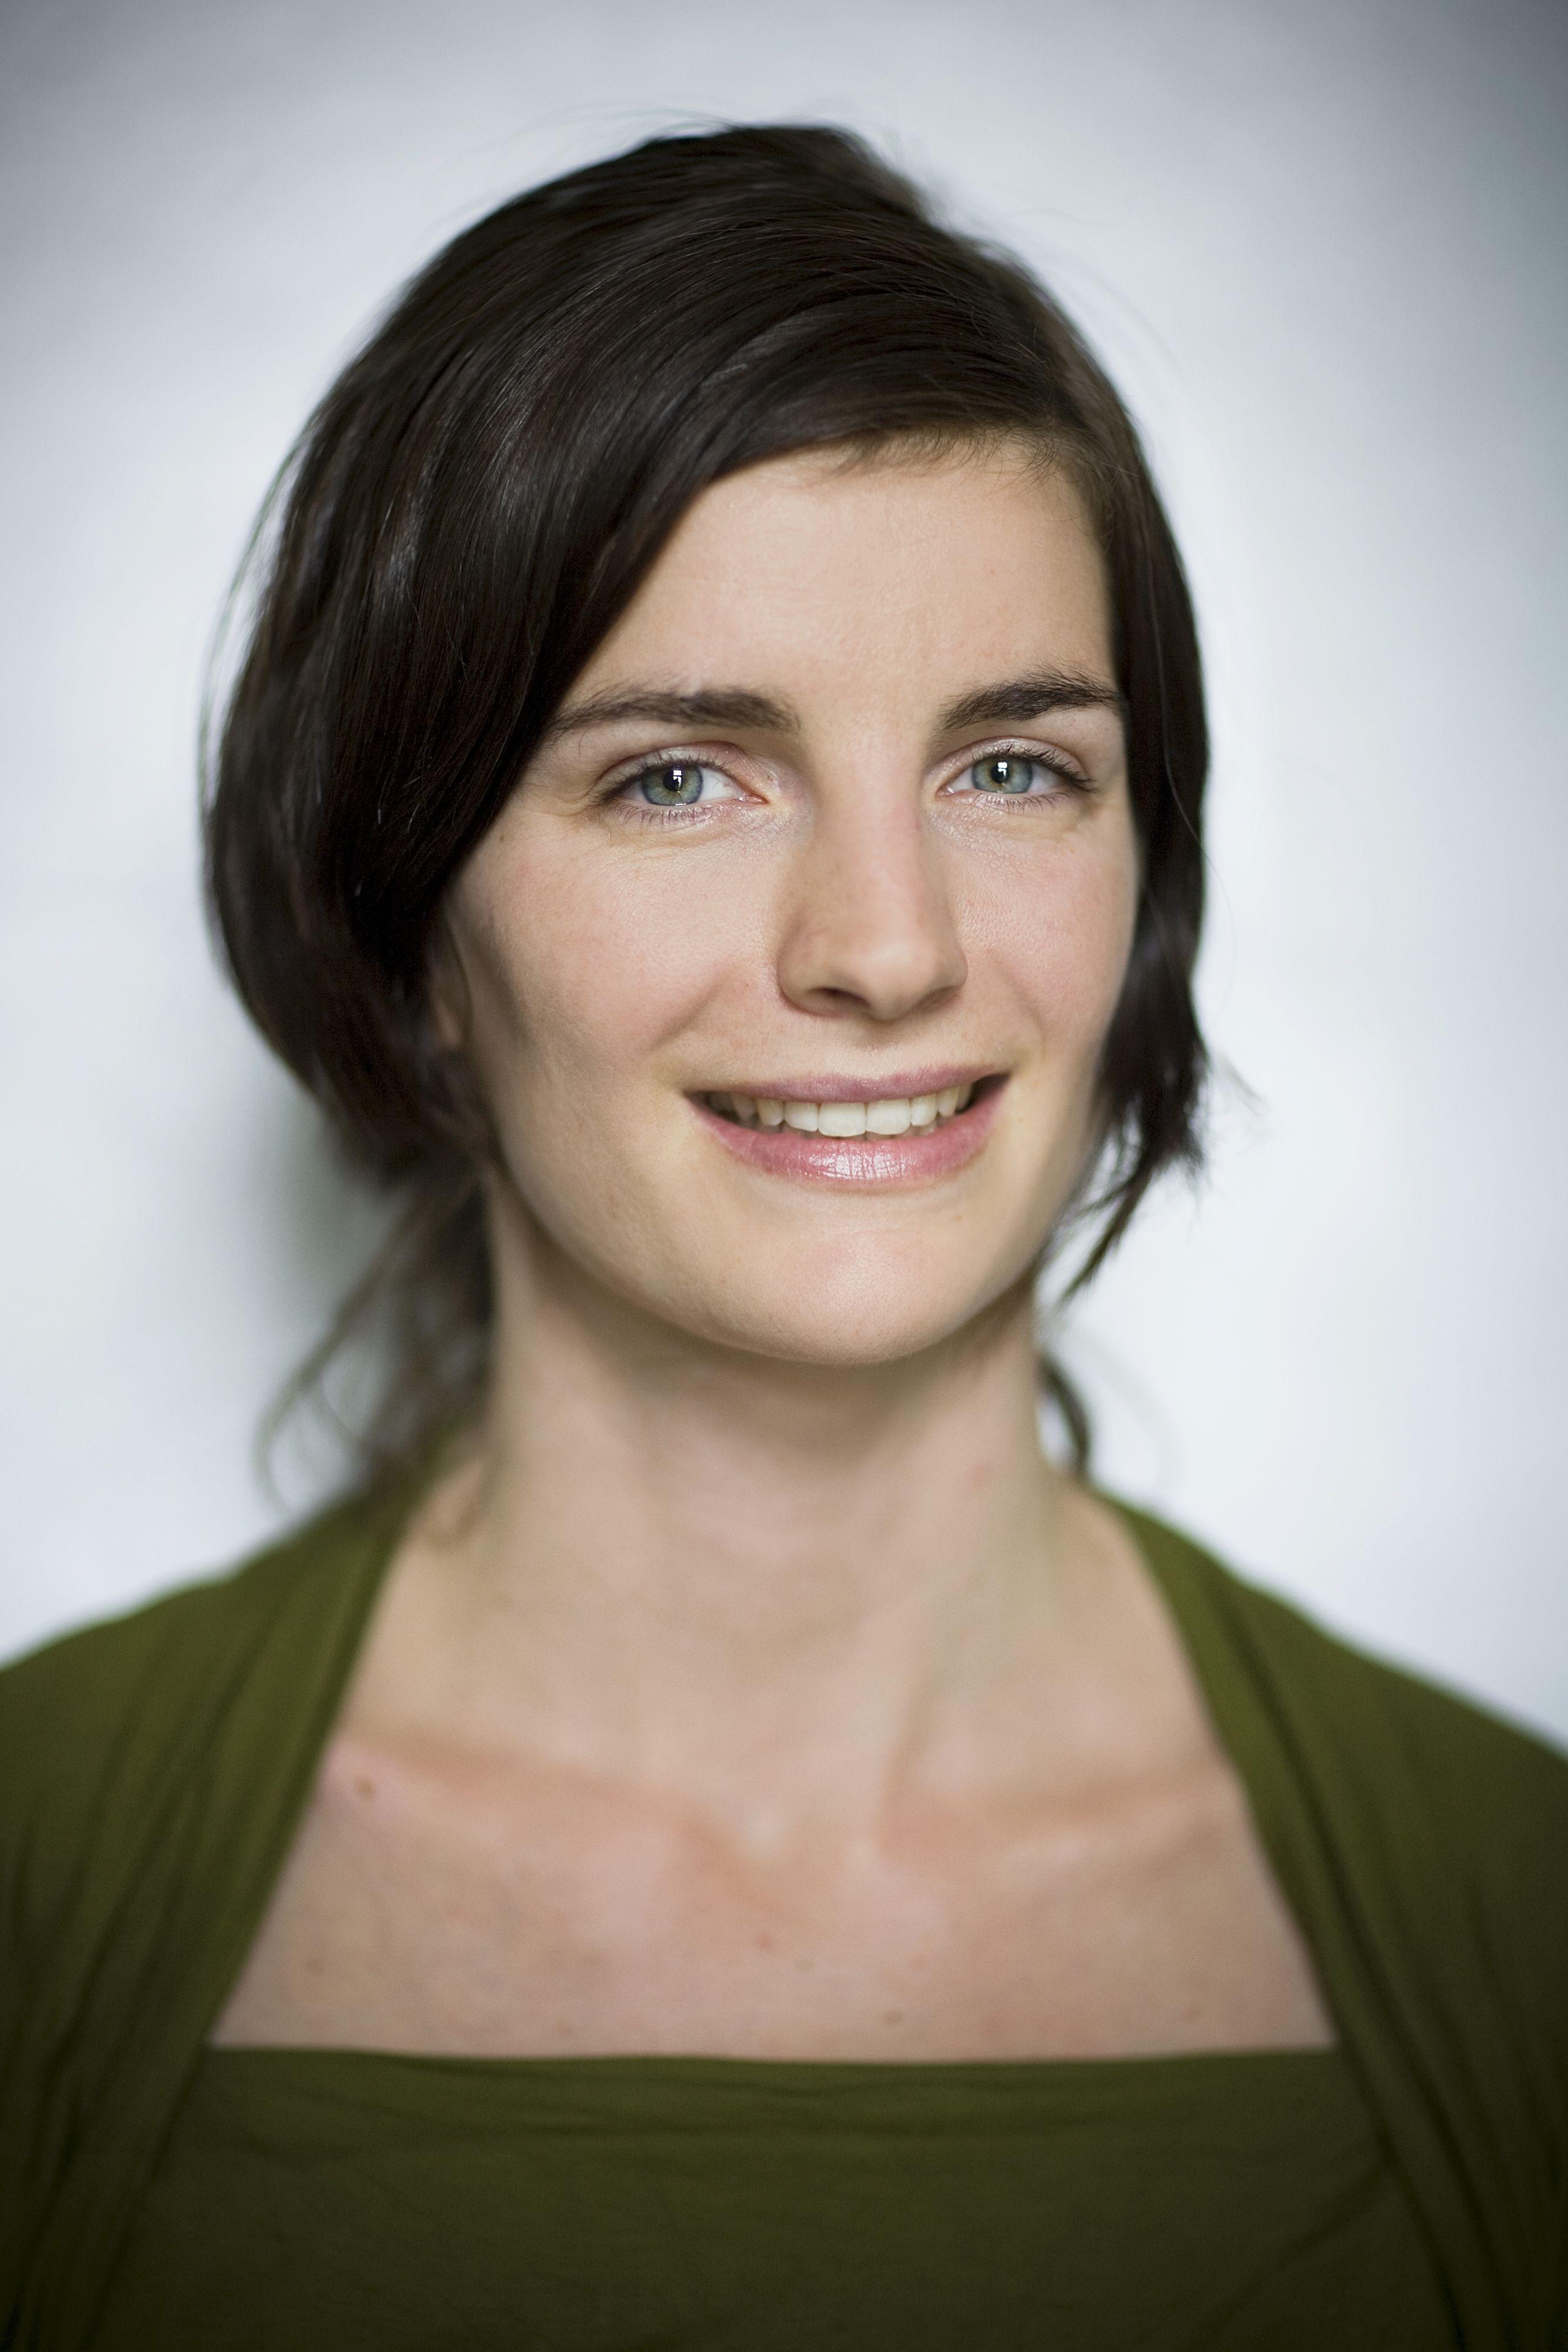 Julia Girardi